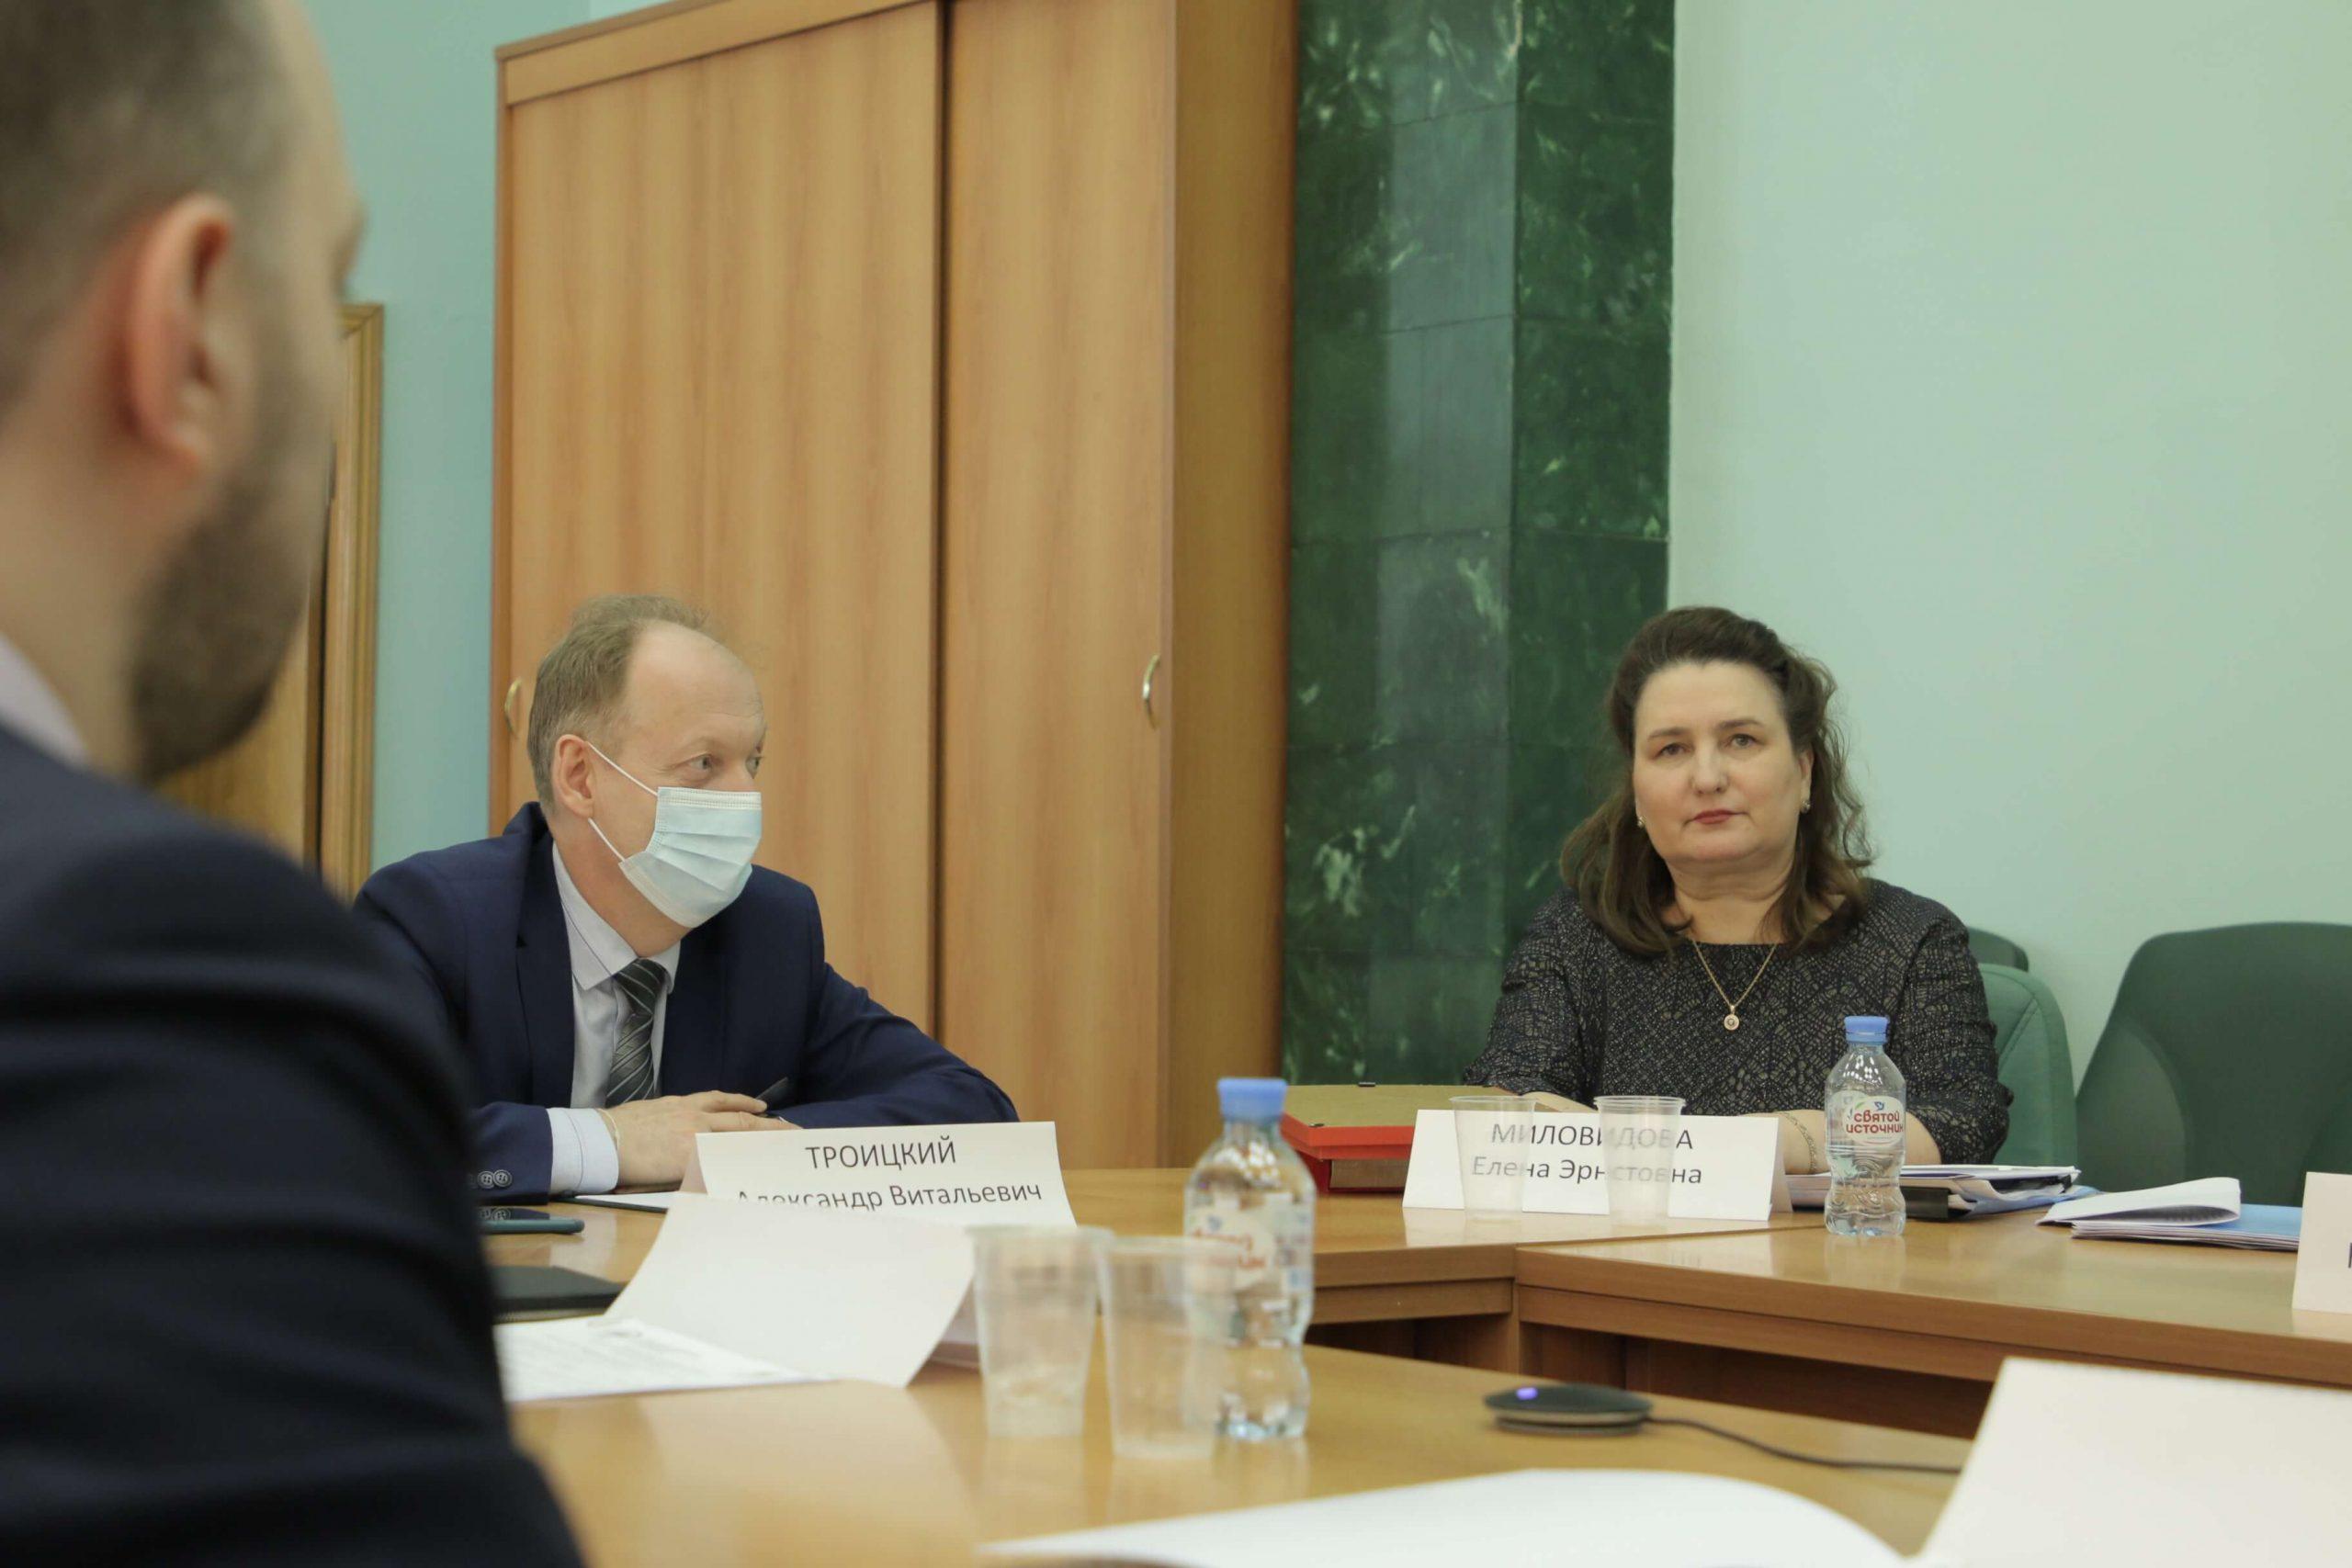 Итоги круглого стола «Перспективы развития инвестиционно-строительной деятельности в России»